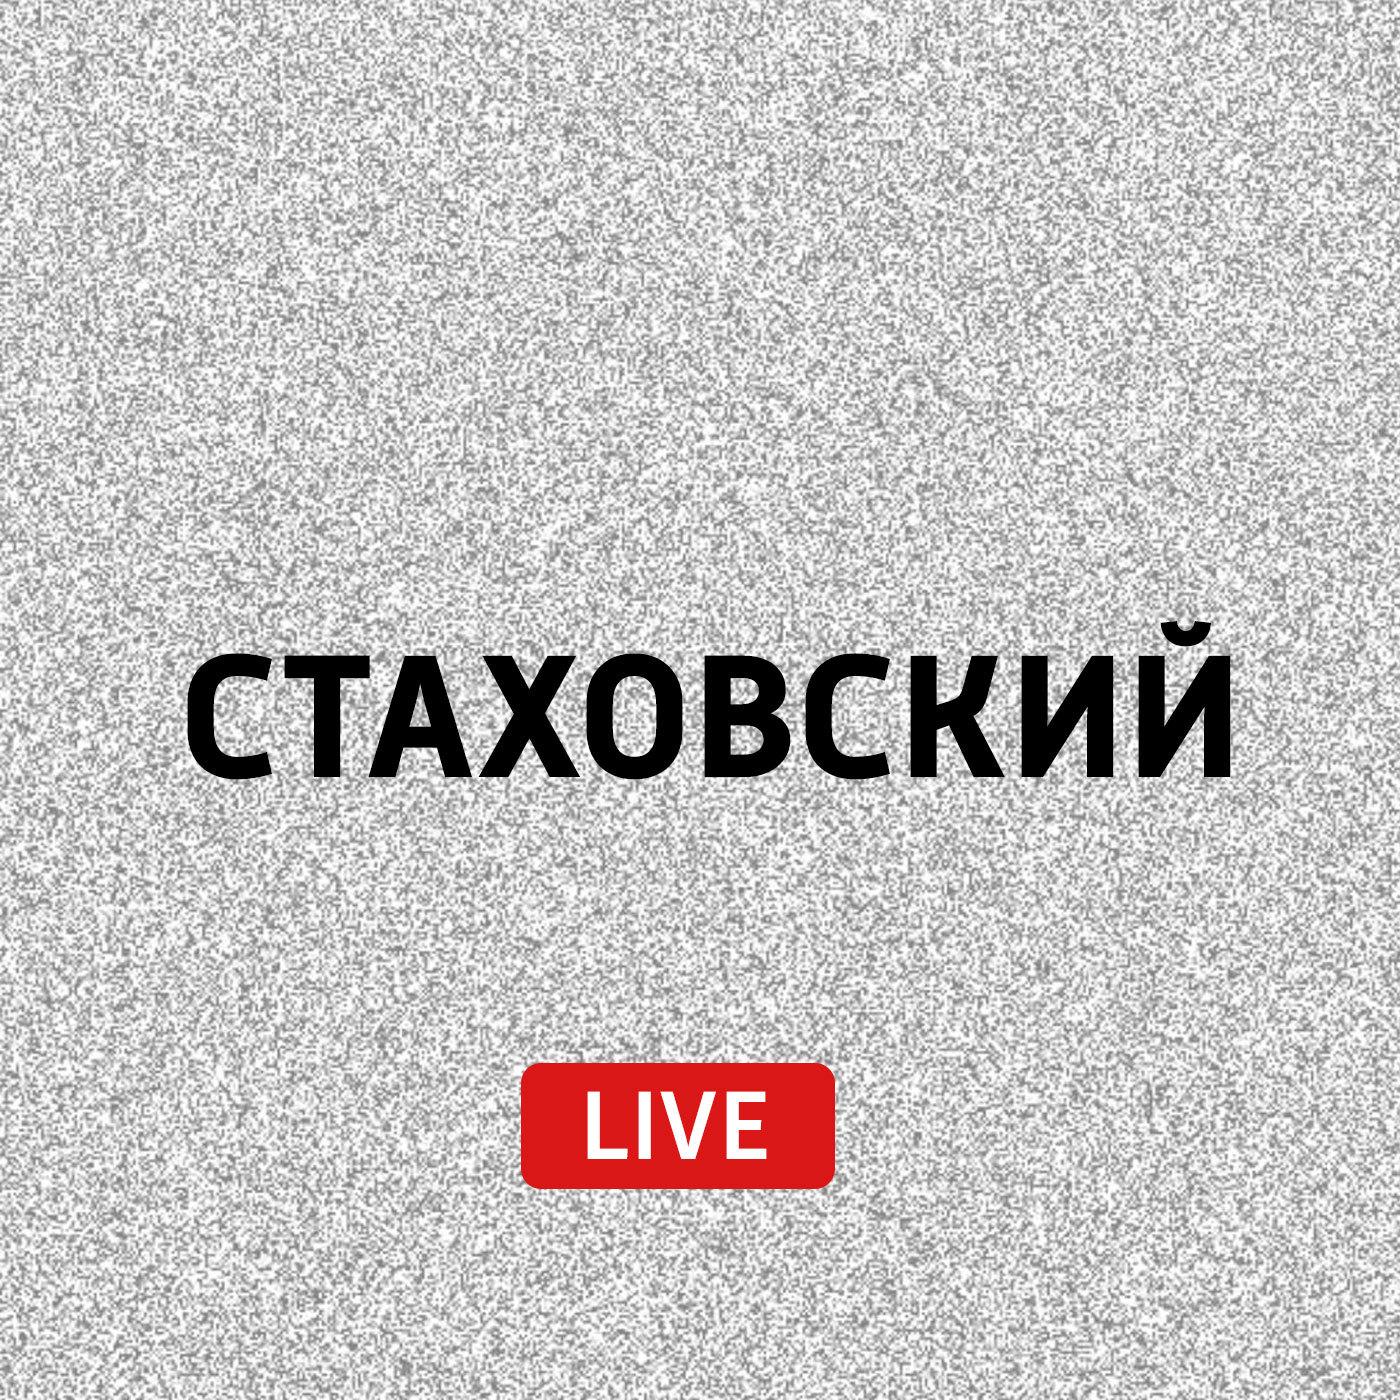 Евгений Стаховский Что порождает что евгений стаховский о музыке гайдна и литературных персонажах